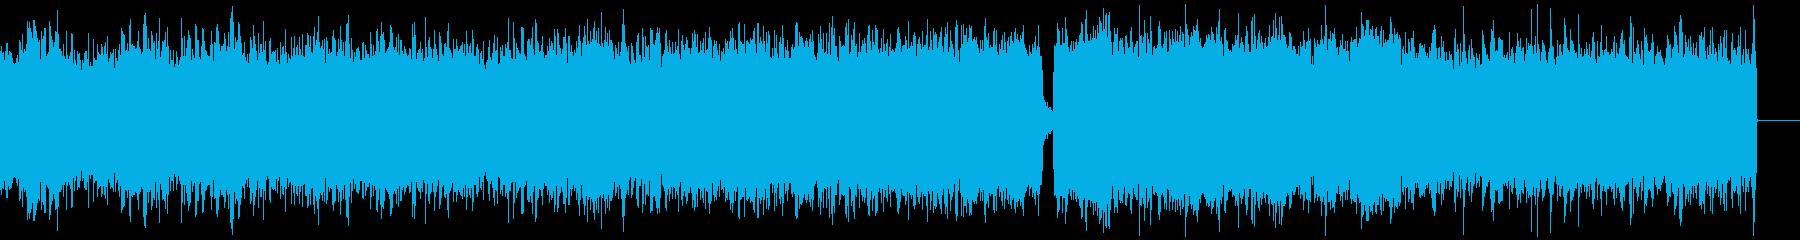 シネマティックホラー、ハロウィンBGMの再生済みの波形